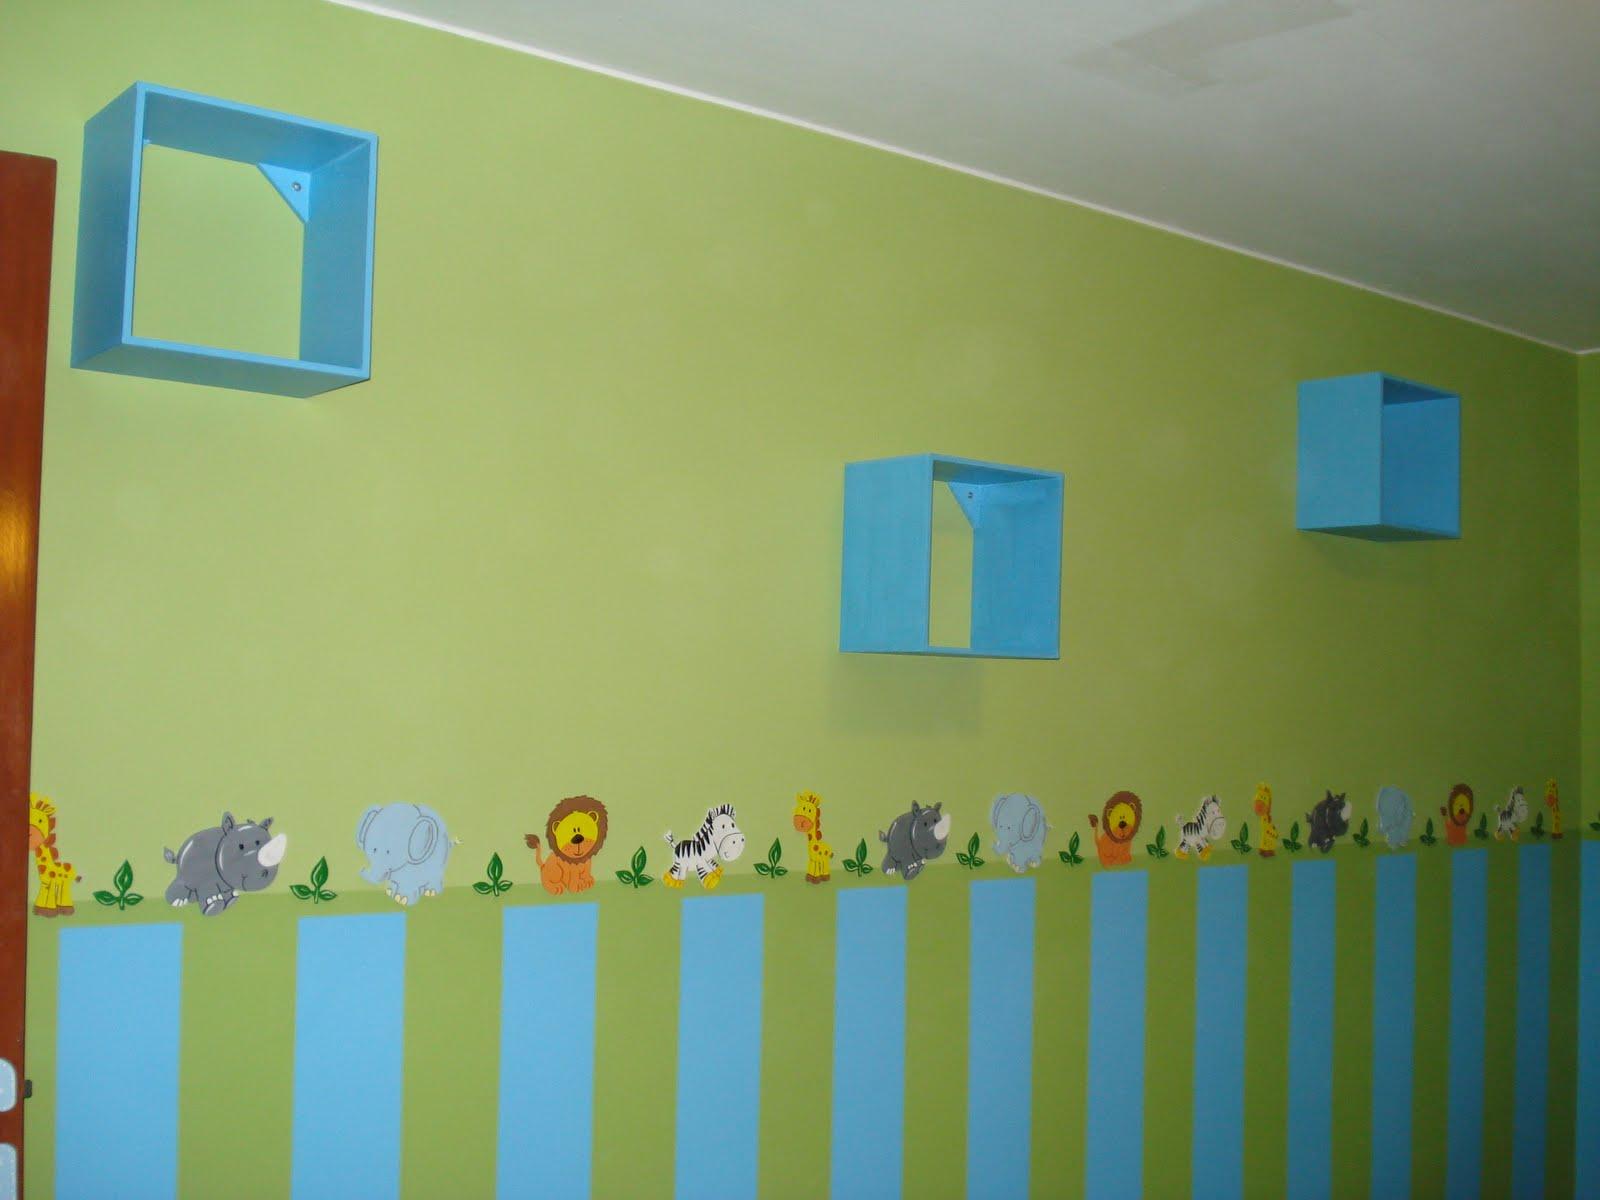 Decora bebe agosto 2010 - Adornos para pared ...